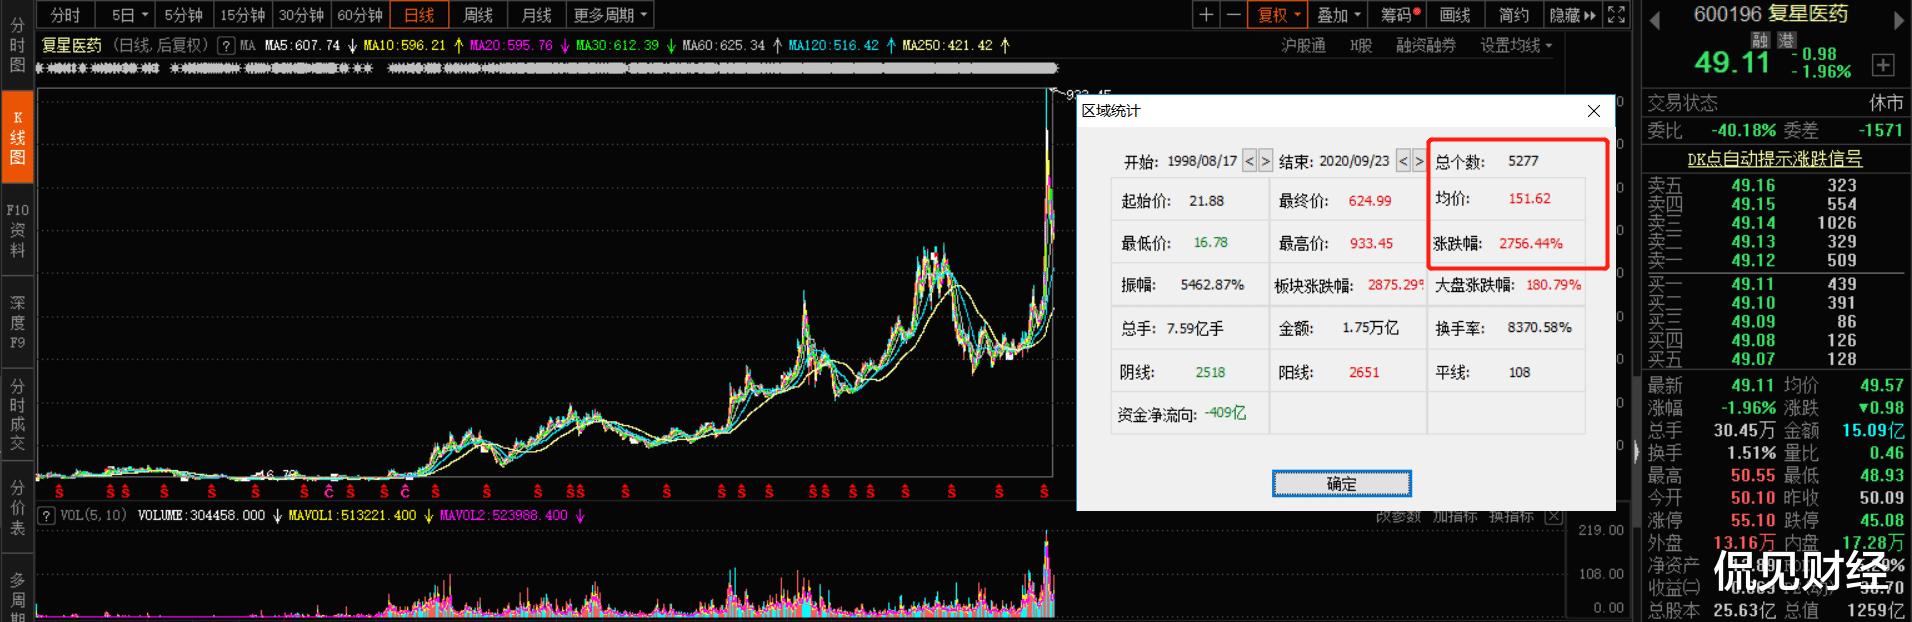 """股價大跌40%,商譽超90億,民營醫藥巨頭的""""捷徑""""還能走多遠?-圖3"""